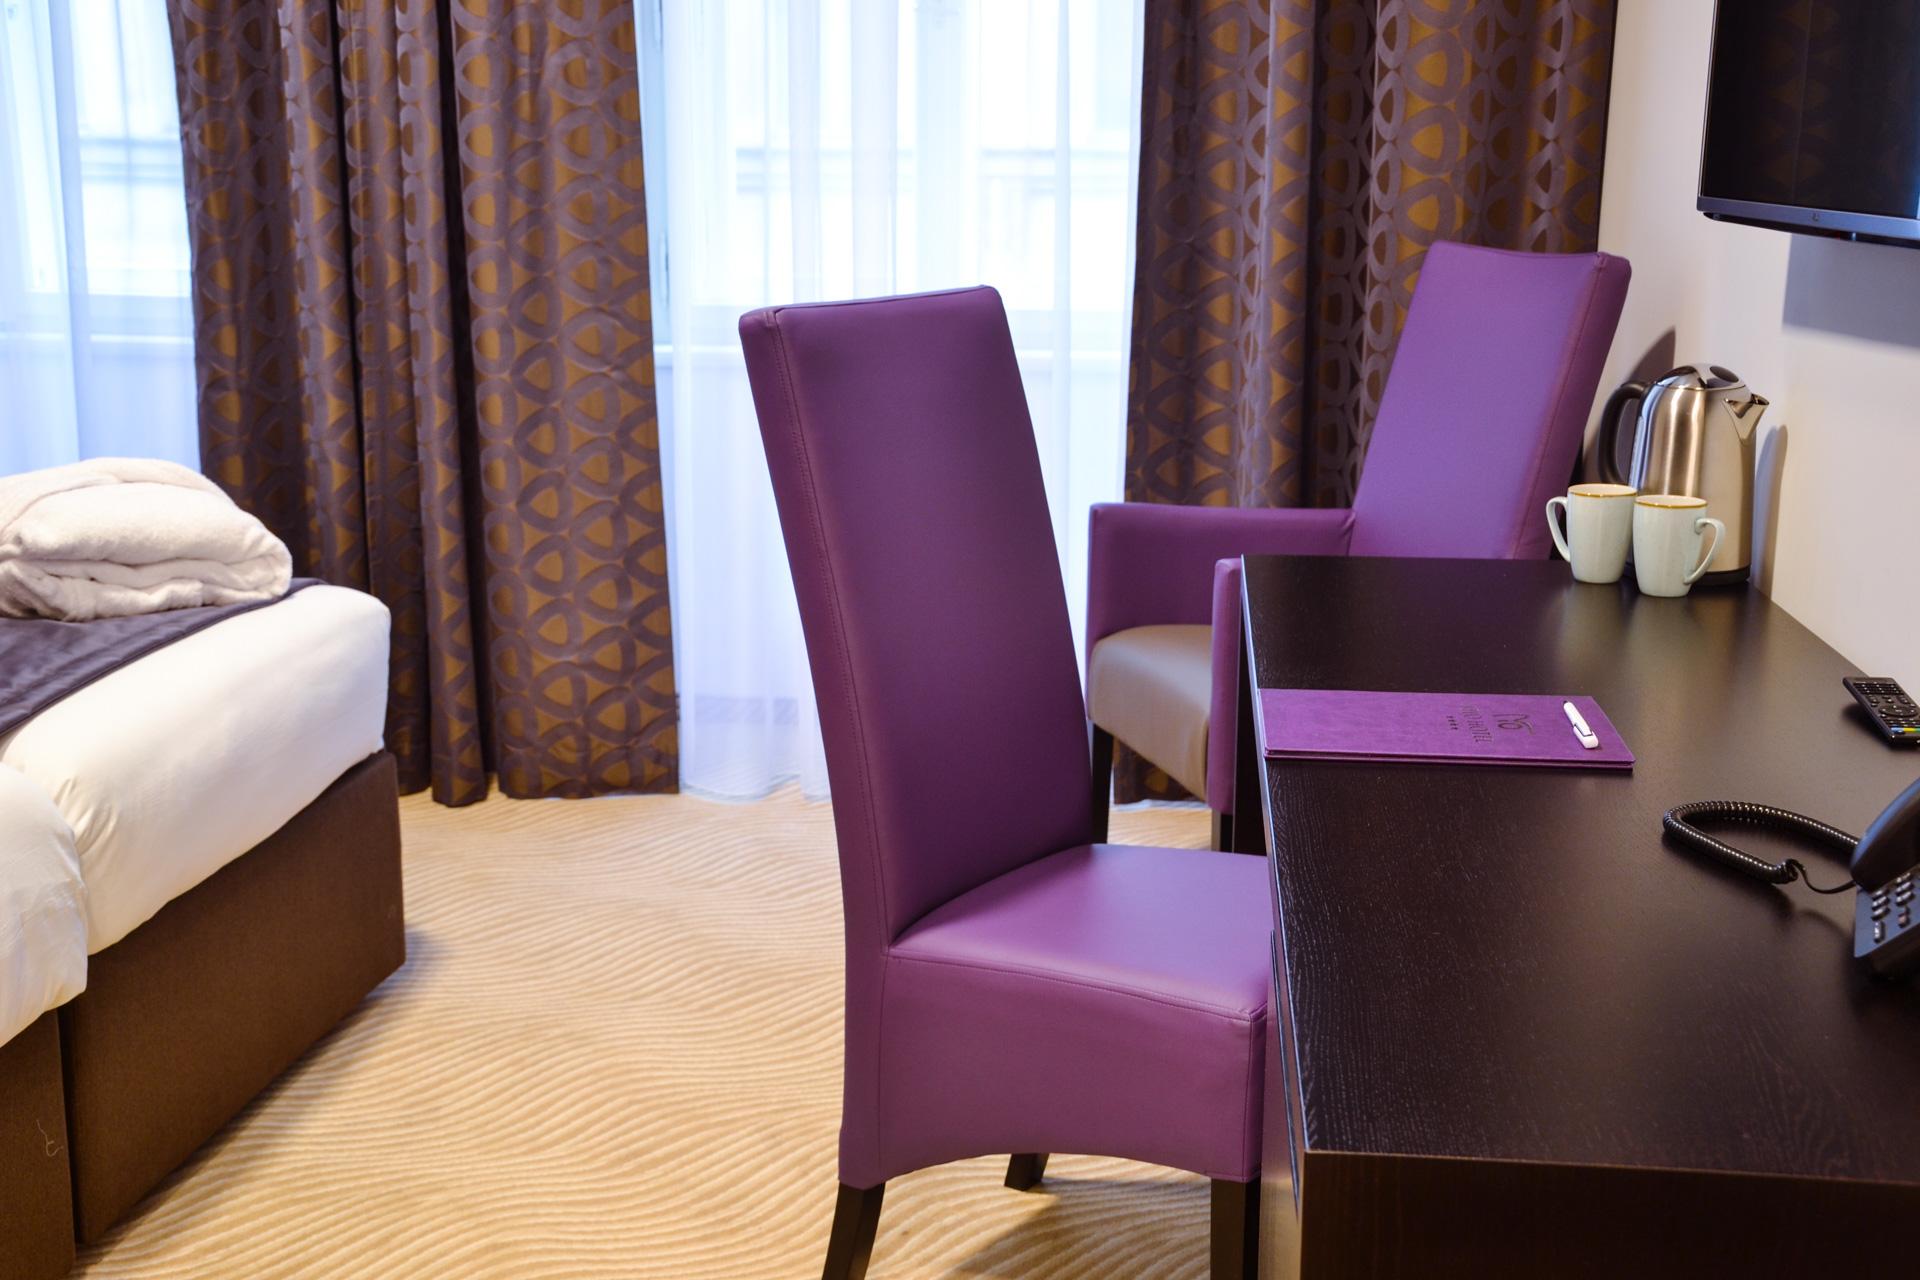 Jaké byste měli mít nároky na sedací nábytek do hotelu?